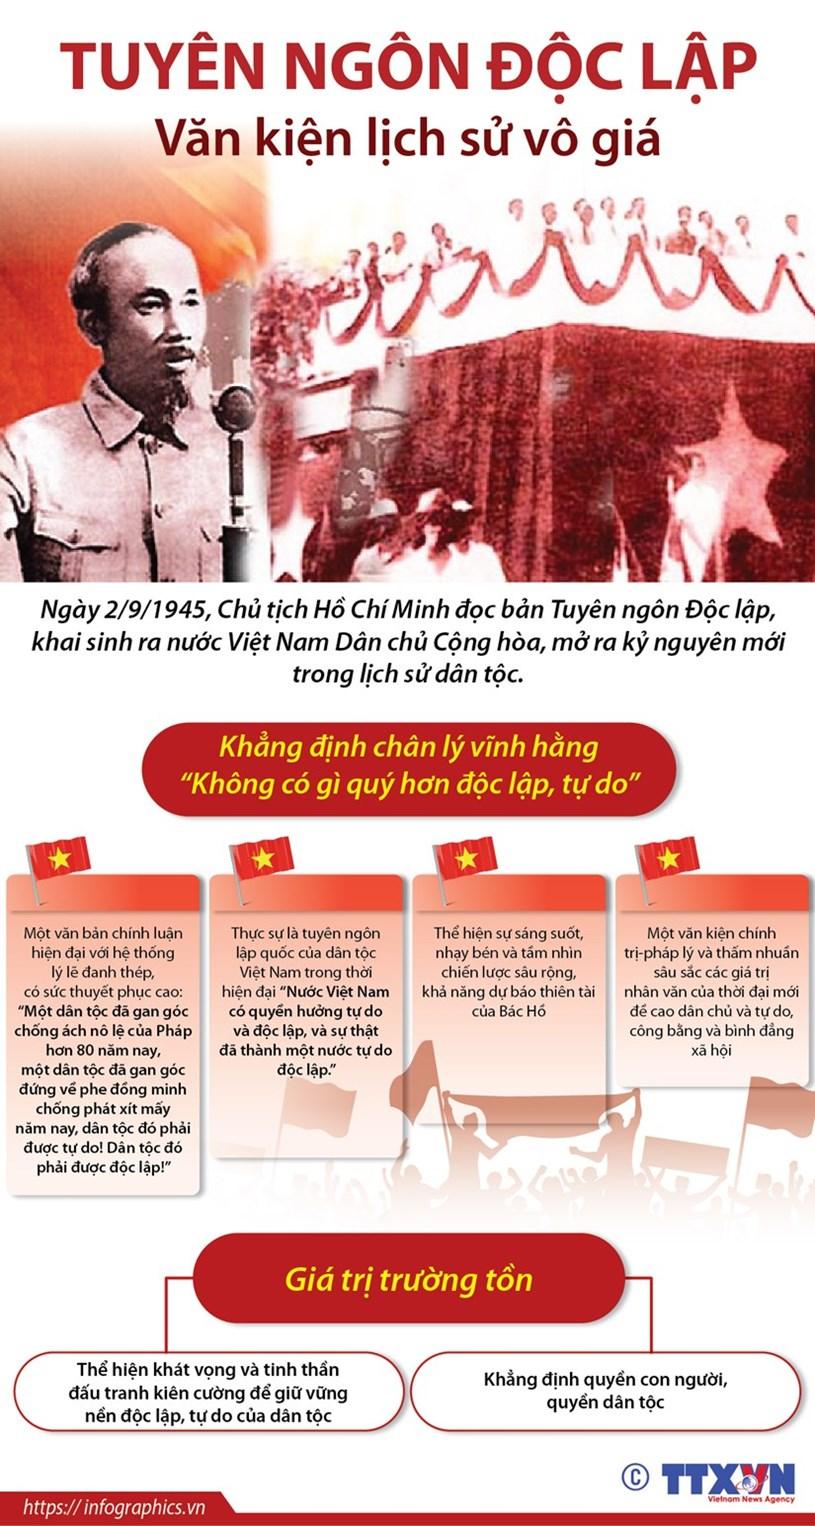 Cách đây 75 năm, ngày 2/9/1945, Chủ tịch Hồ Chí Minh đọc bản Tuyên ngôn độc lập, khai sinh nước Việt Nam Dân chủ Cộng hòa, mở ra kỷ nguyên mới trong lịch sử dân tộc./.